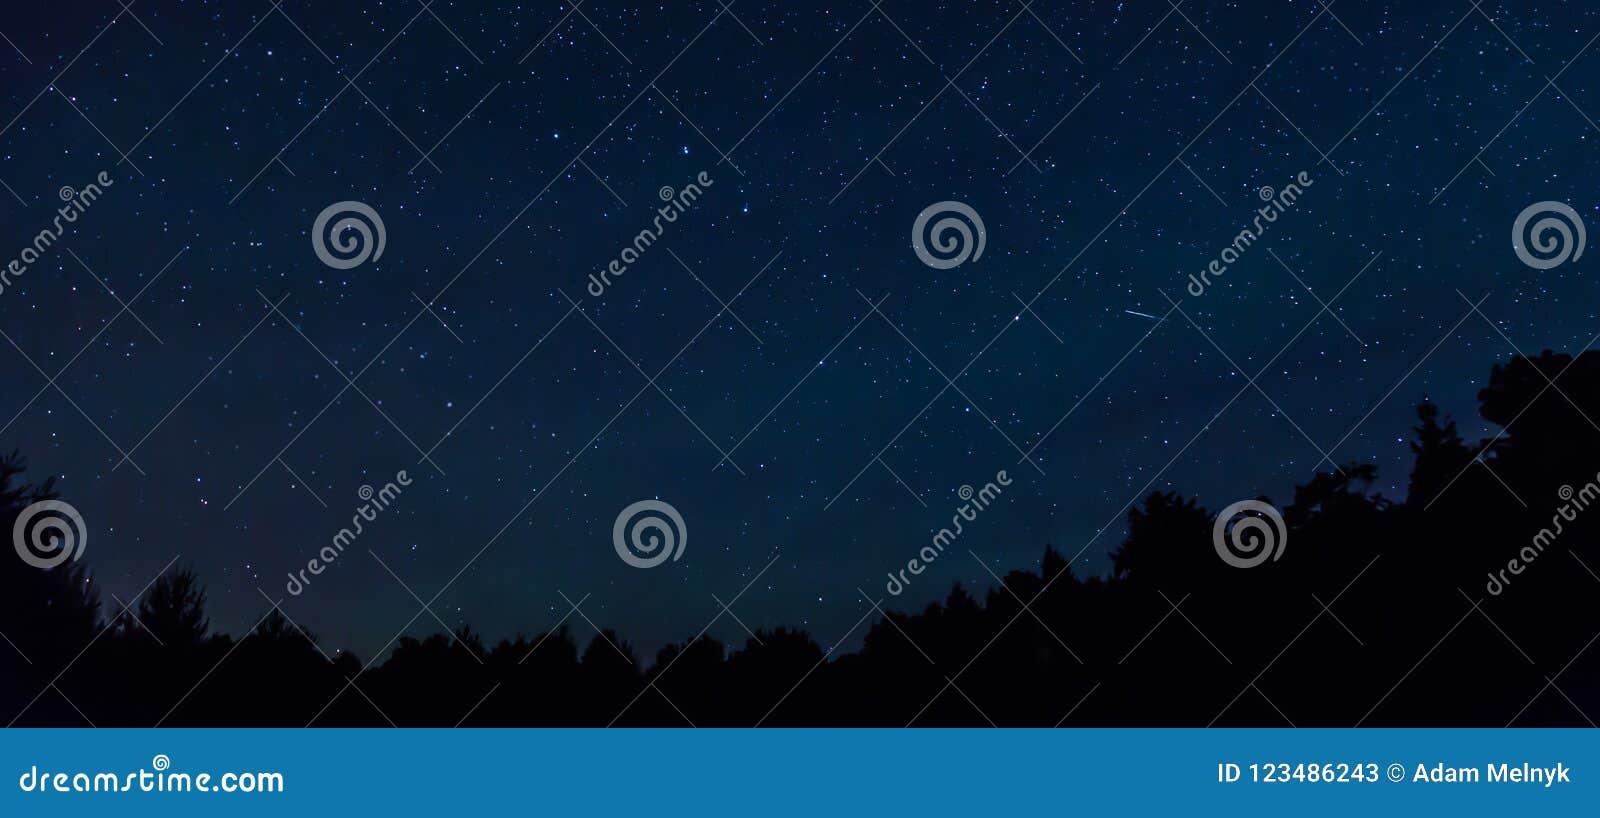 Έναστρος νυχτερινός ουρανός με ένα αστέρι πυροβολισμού και ένα treeline στο πρώτο πλάνο